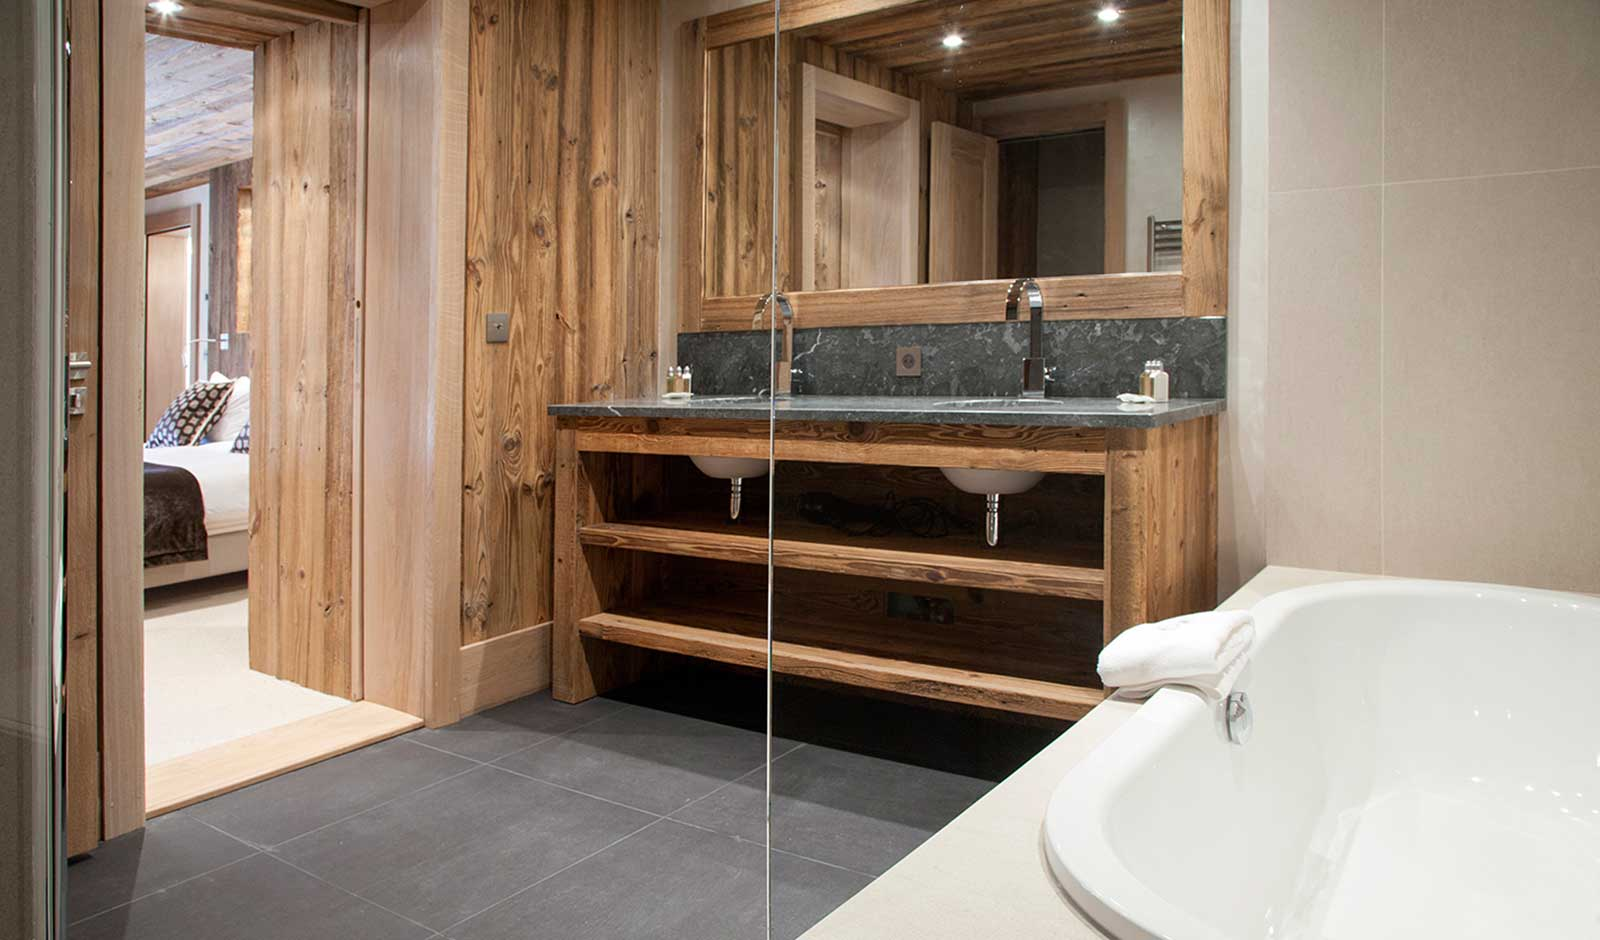 chalet-mont-tremblant-2-atelier-crea-and-co-architecte-design-project-manager-meribel-savoie